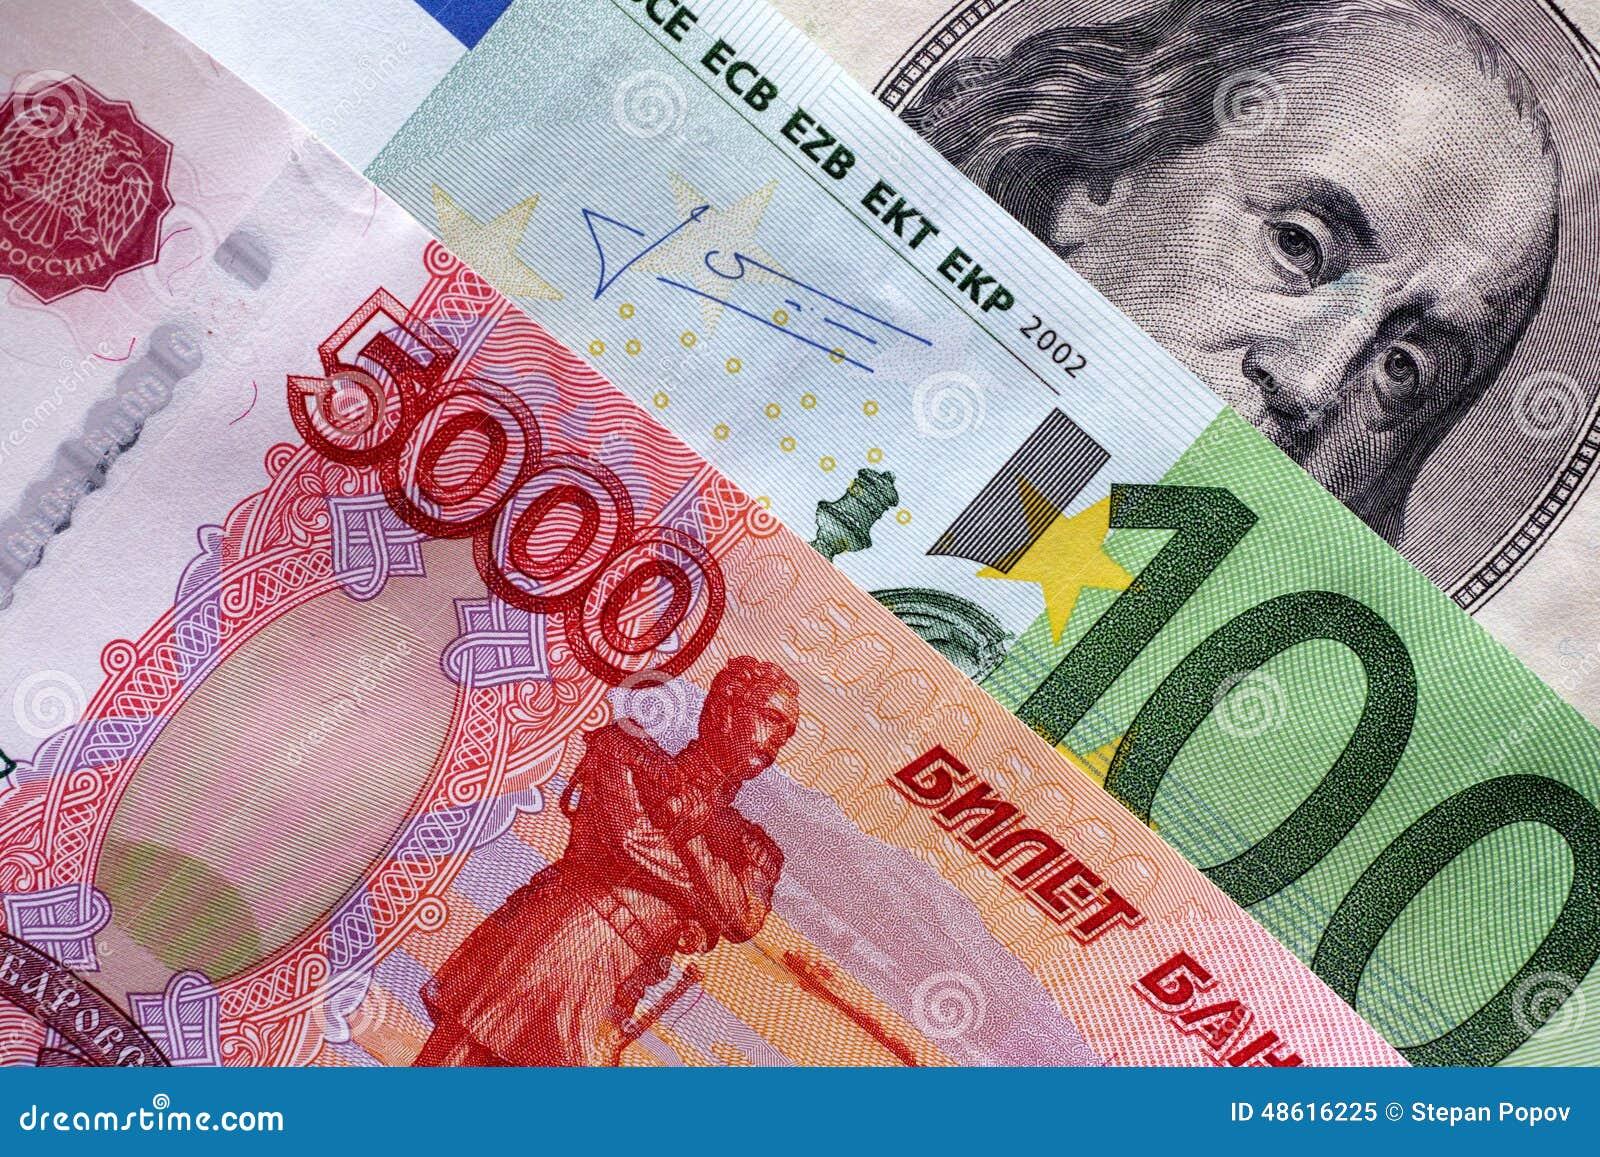 五千卢布,一百欧元,一百美元 特写镜头.图片